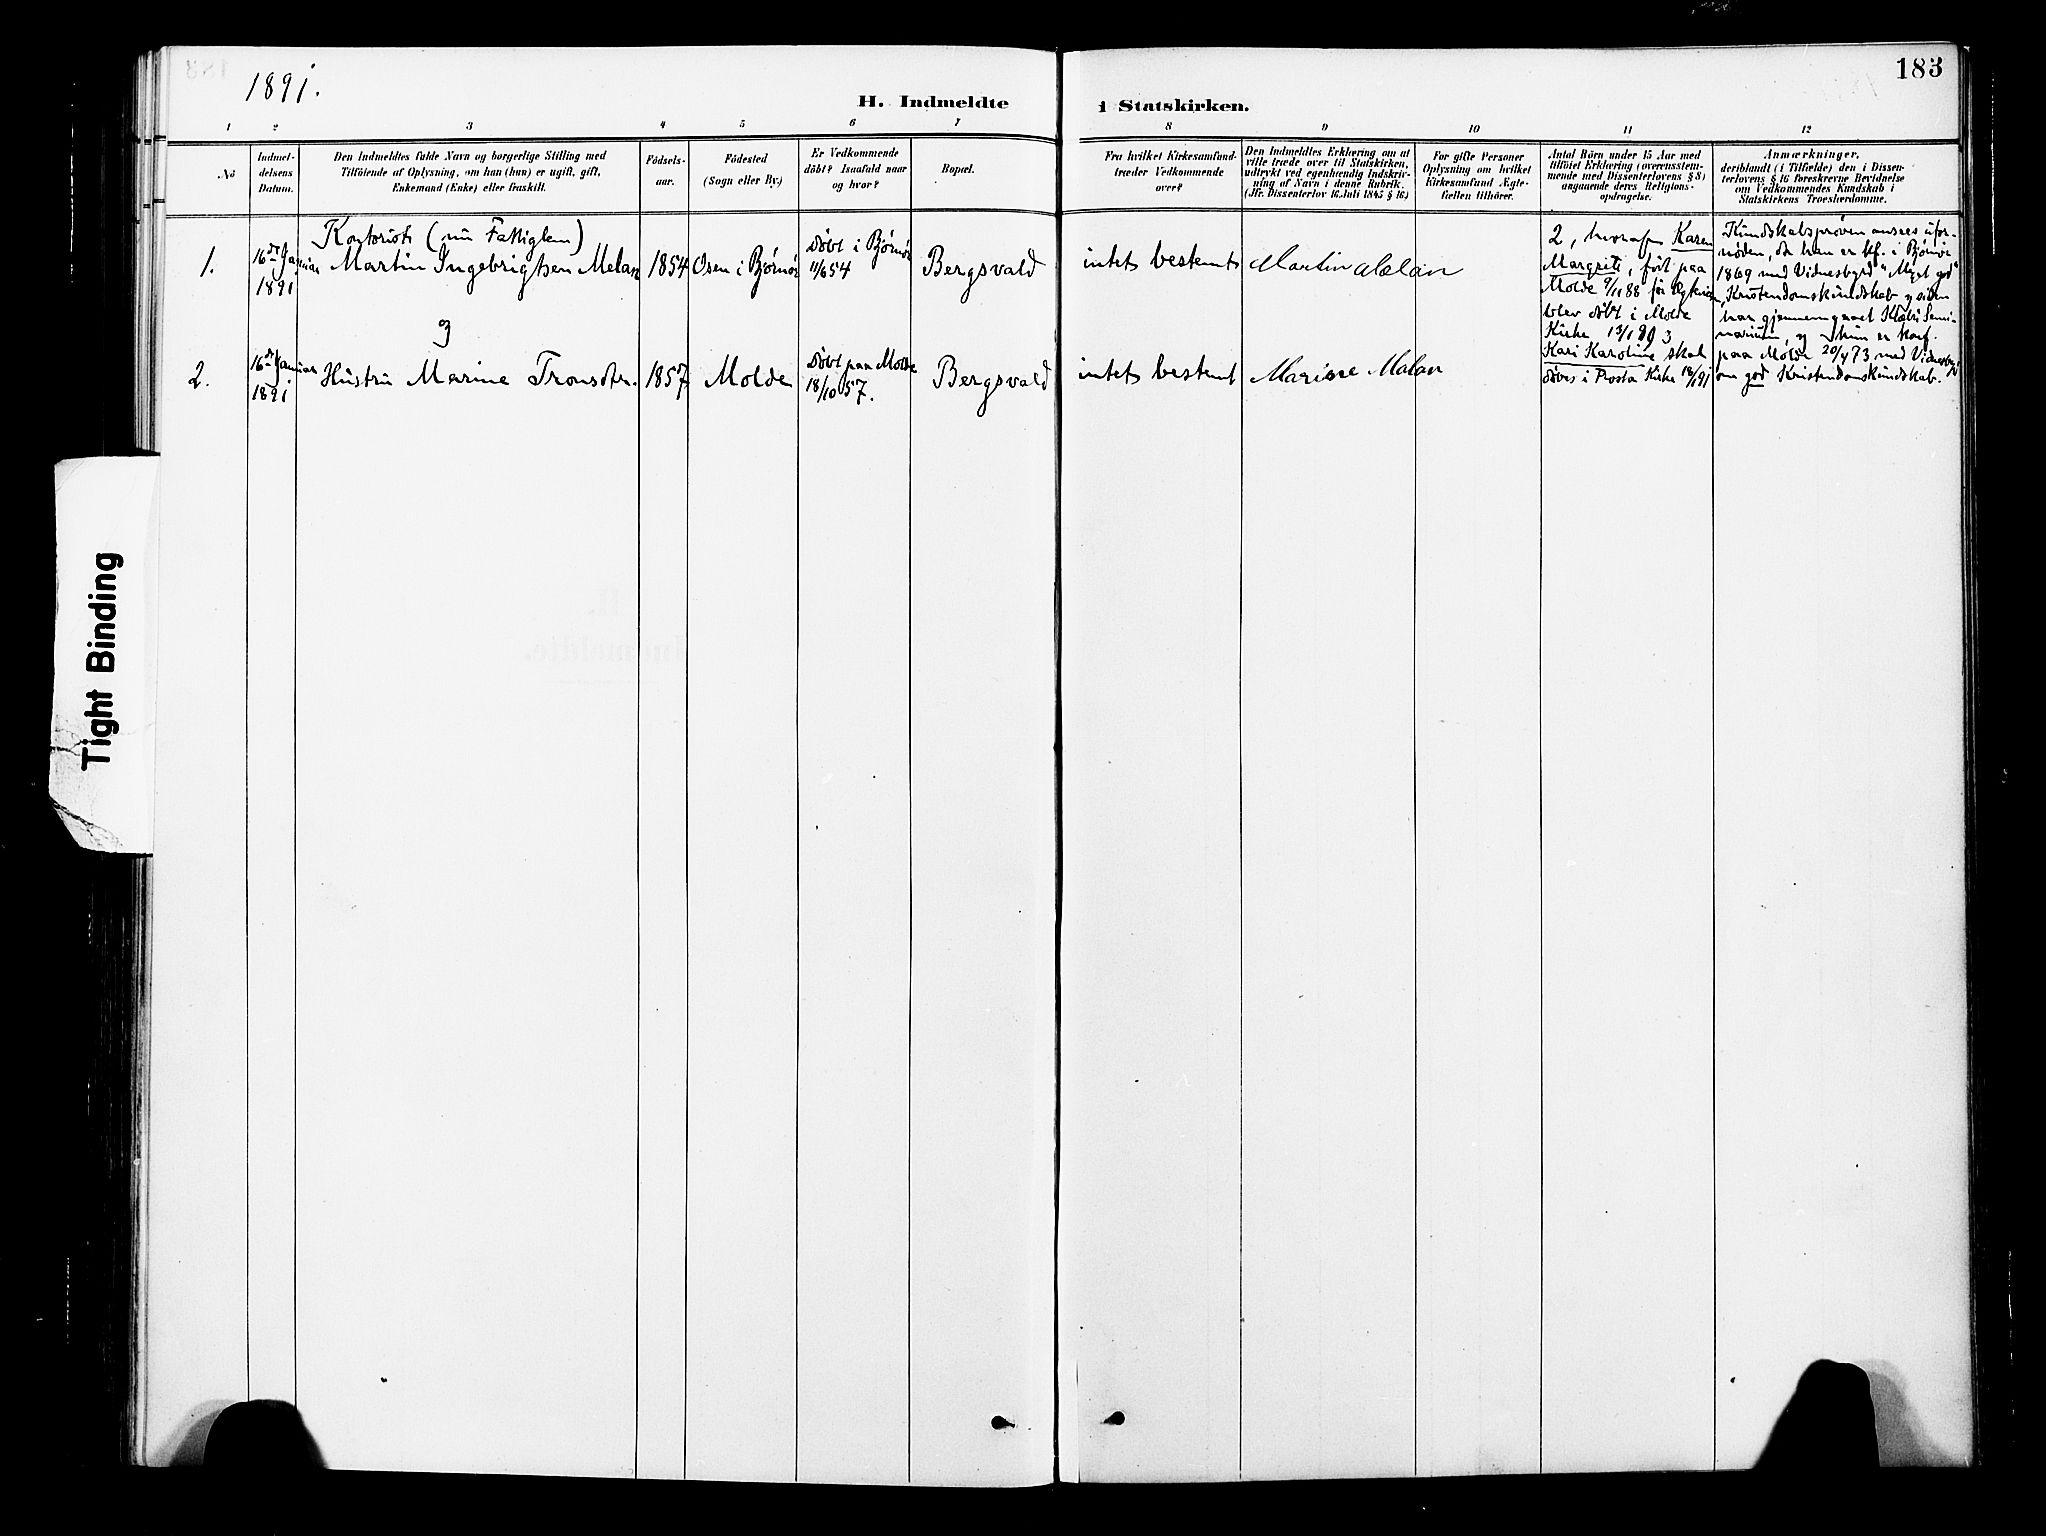 SAT, Ministerialprotokoller, klokkerbøker og fødselsregistre - Nord-Trøndelag, 713/L0121: Ministerialbok nr. 713A10, 1888-1898, s. 183